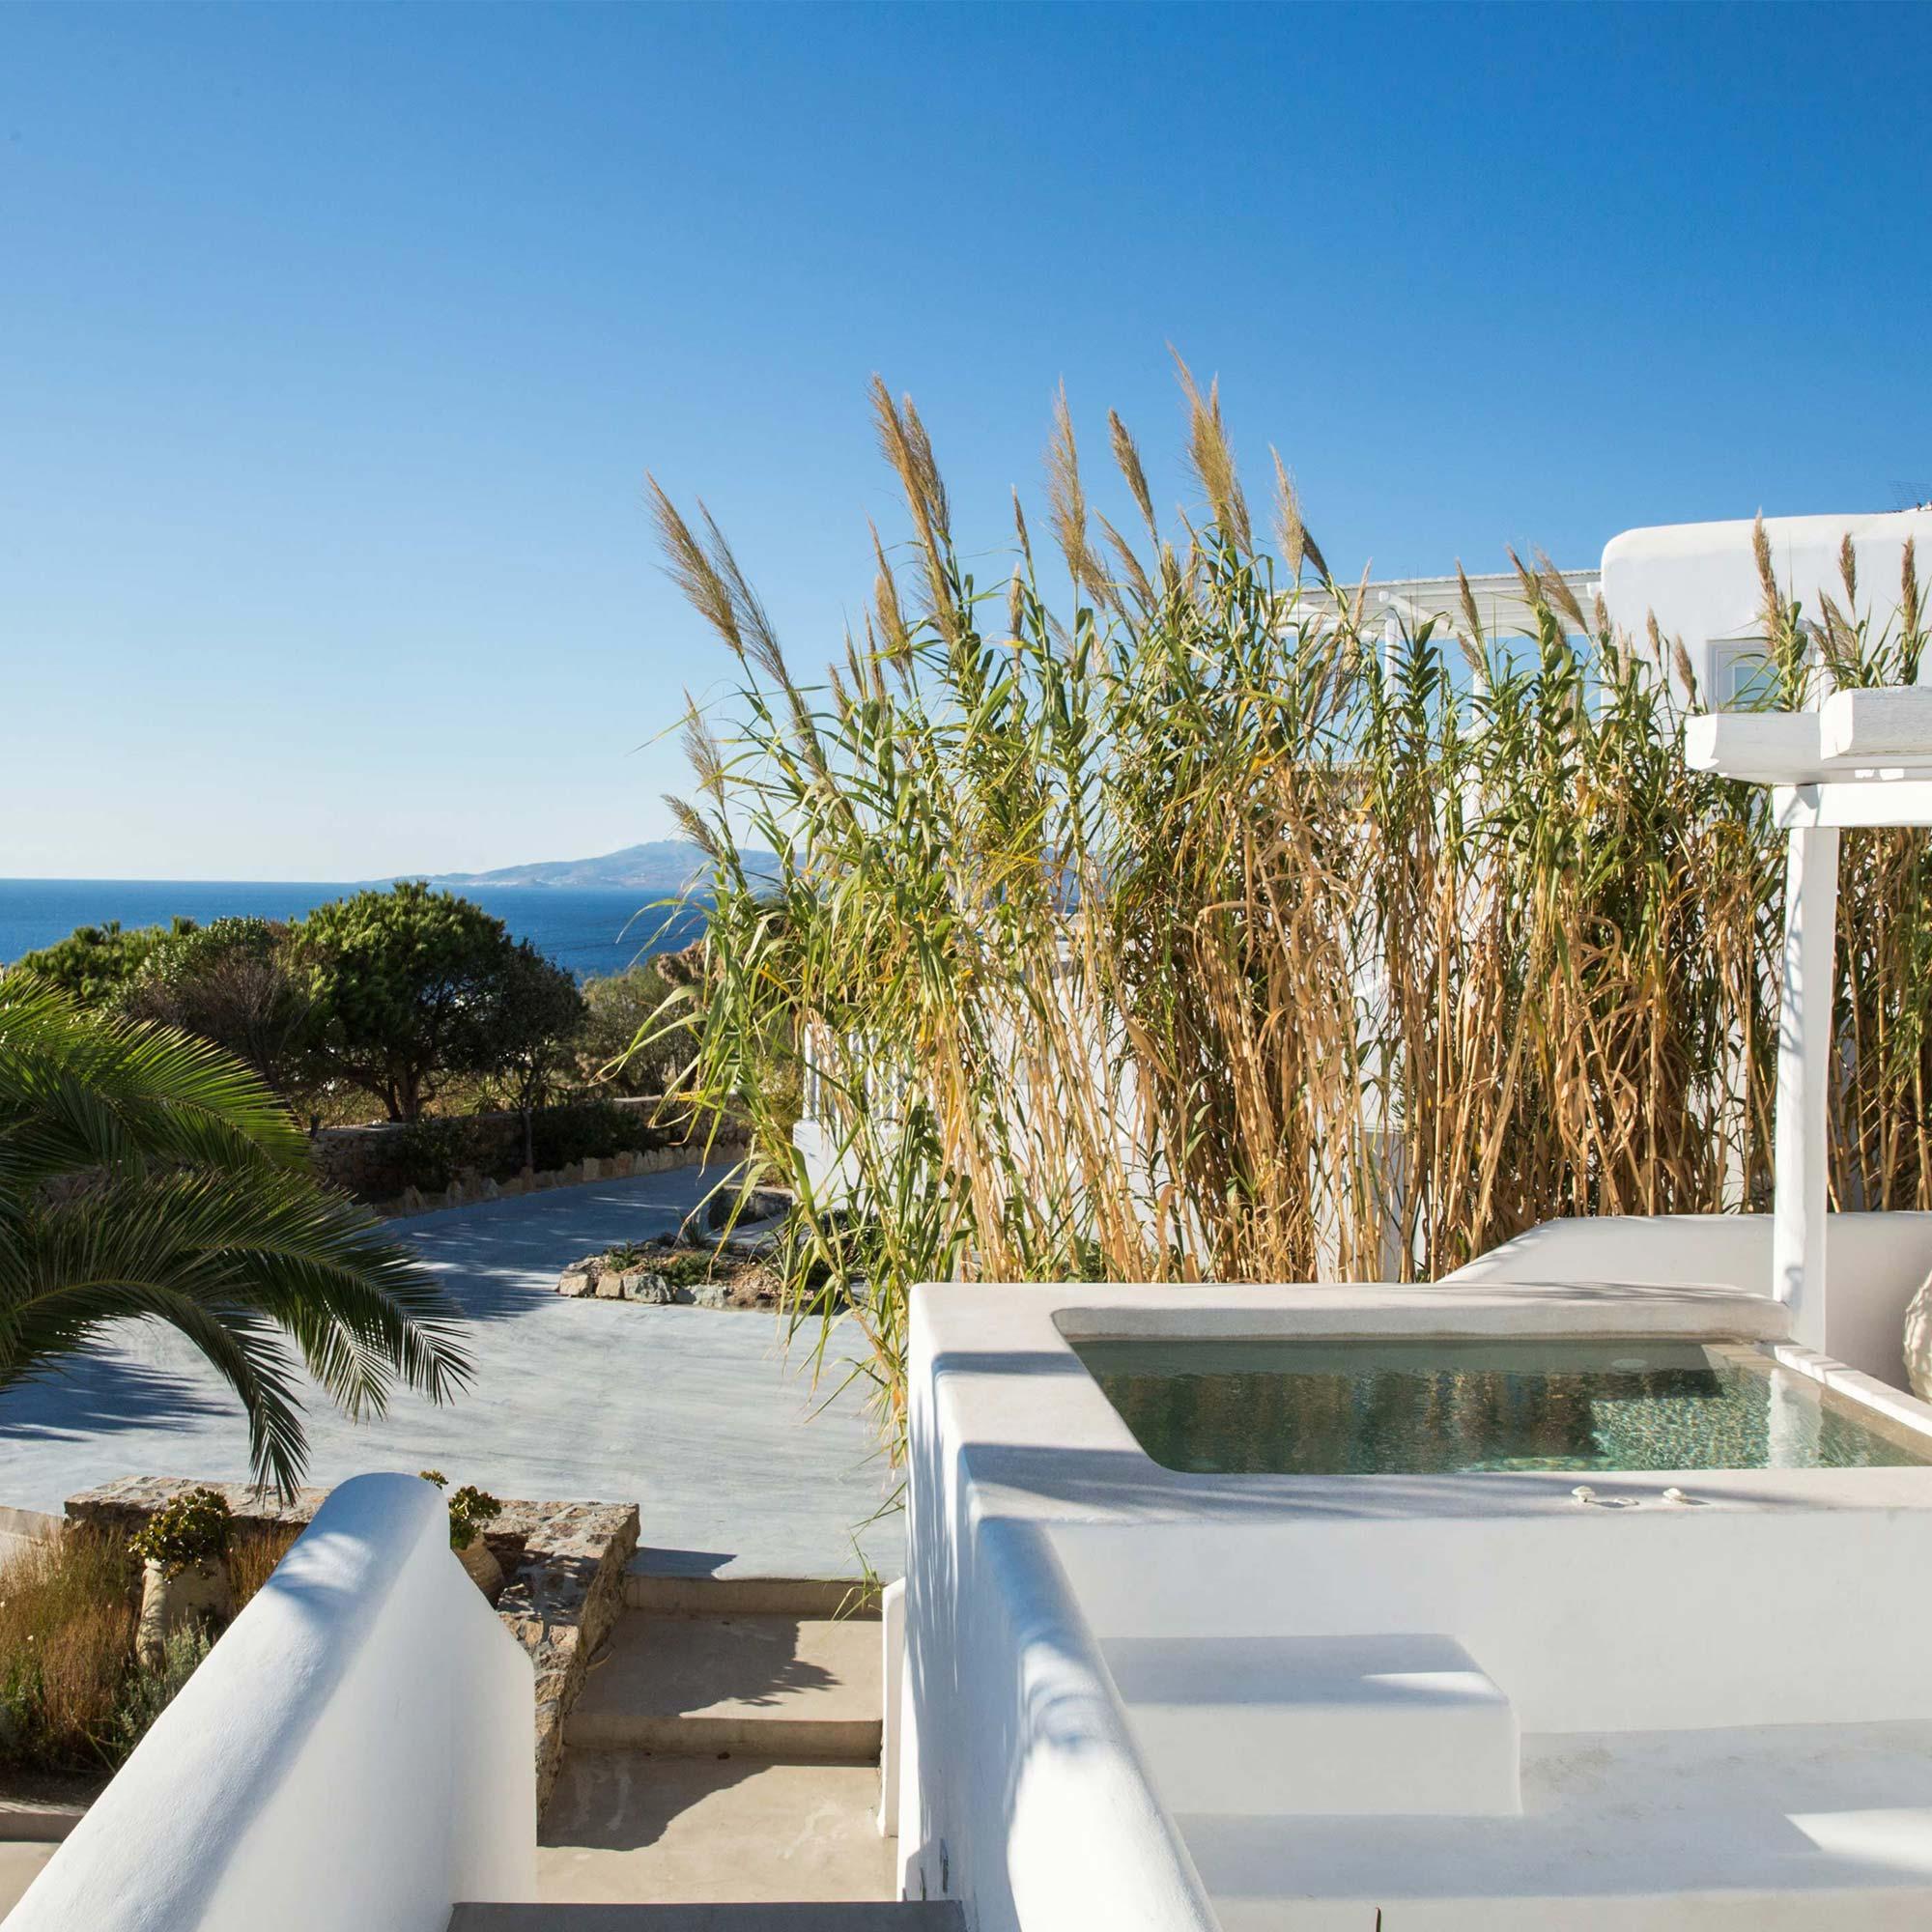 terrasse avec jacuzzi privatif et vue mer